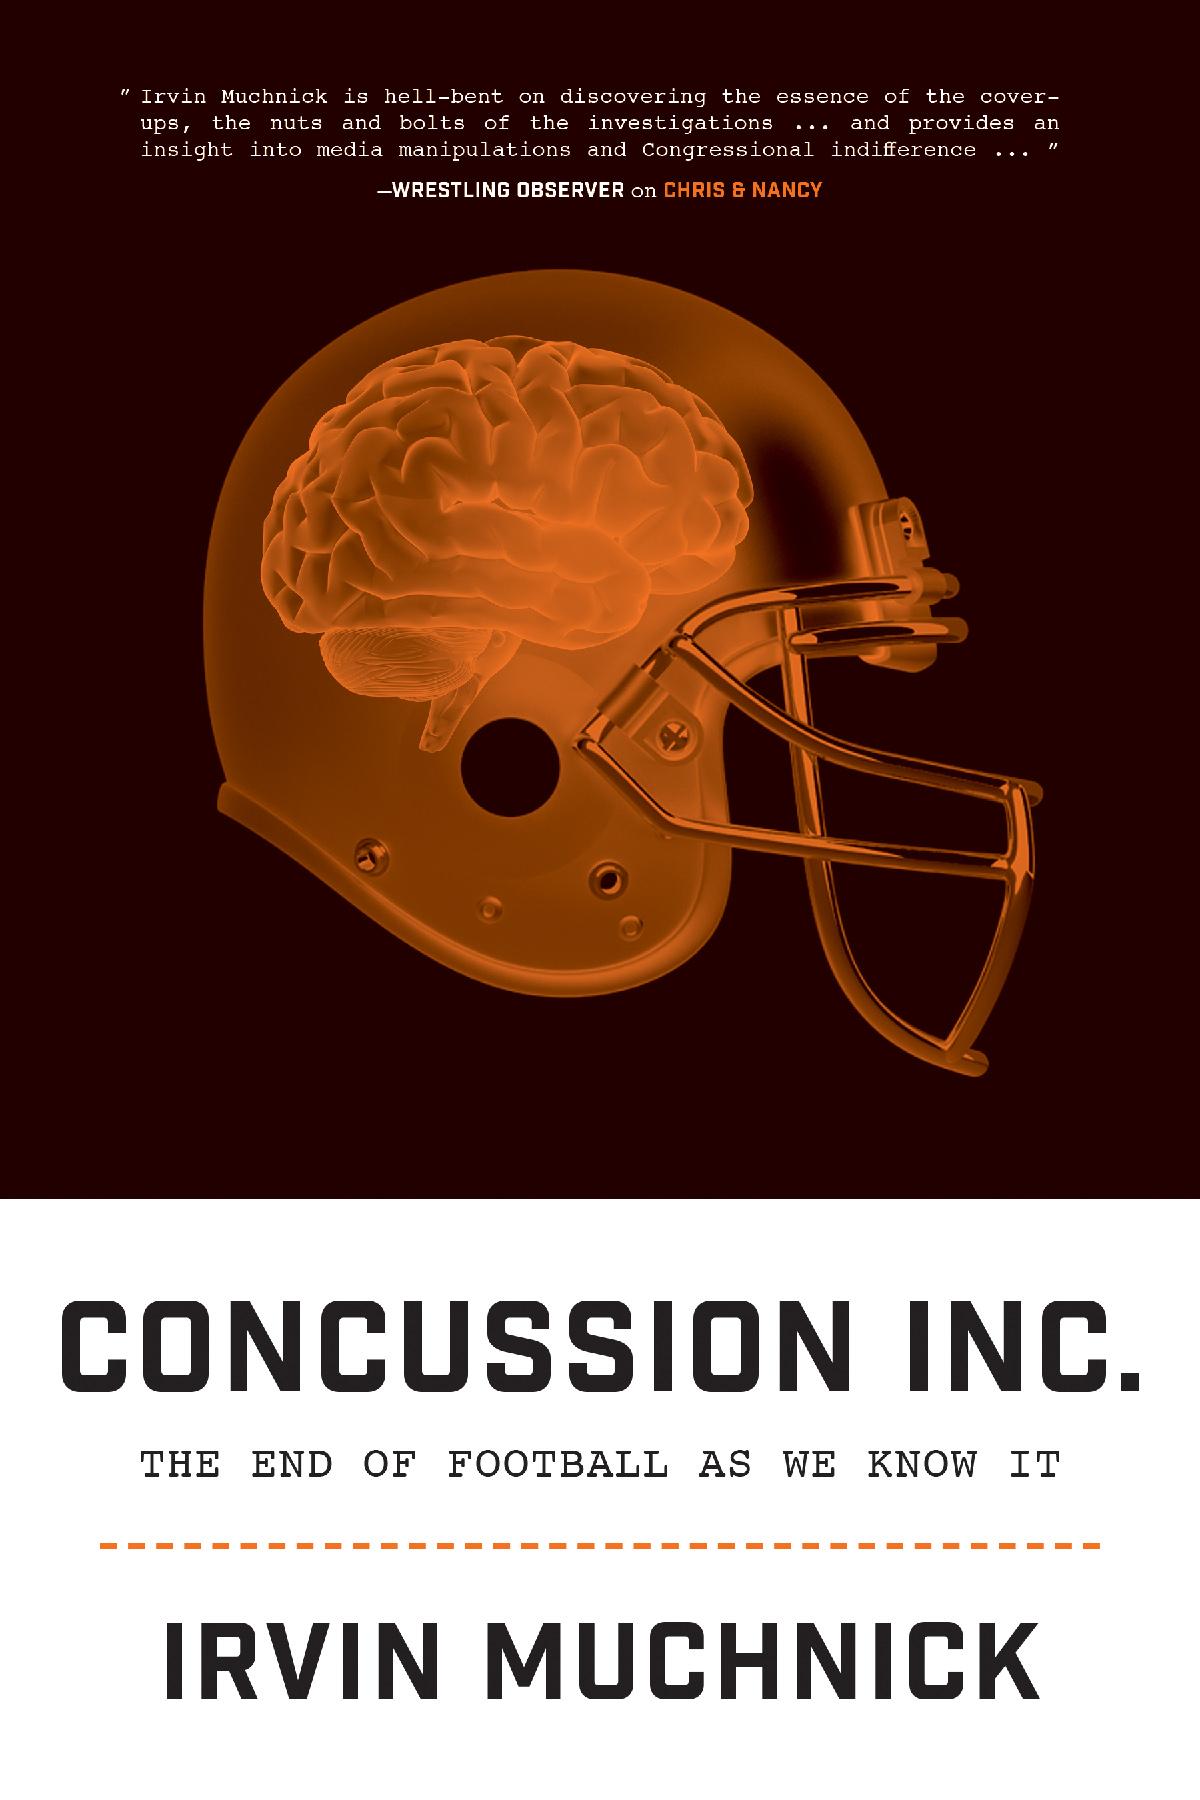 Concussion Inc.